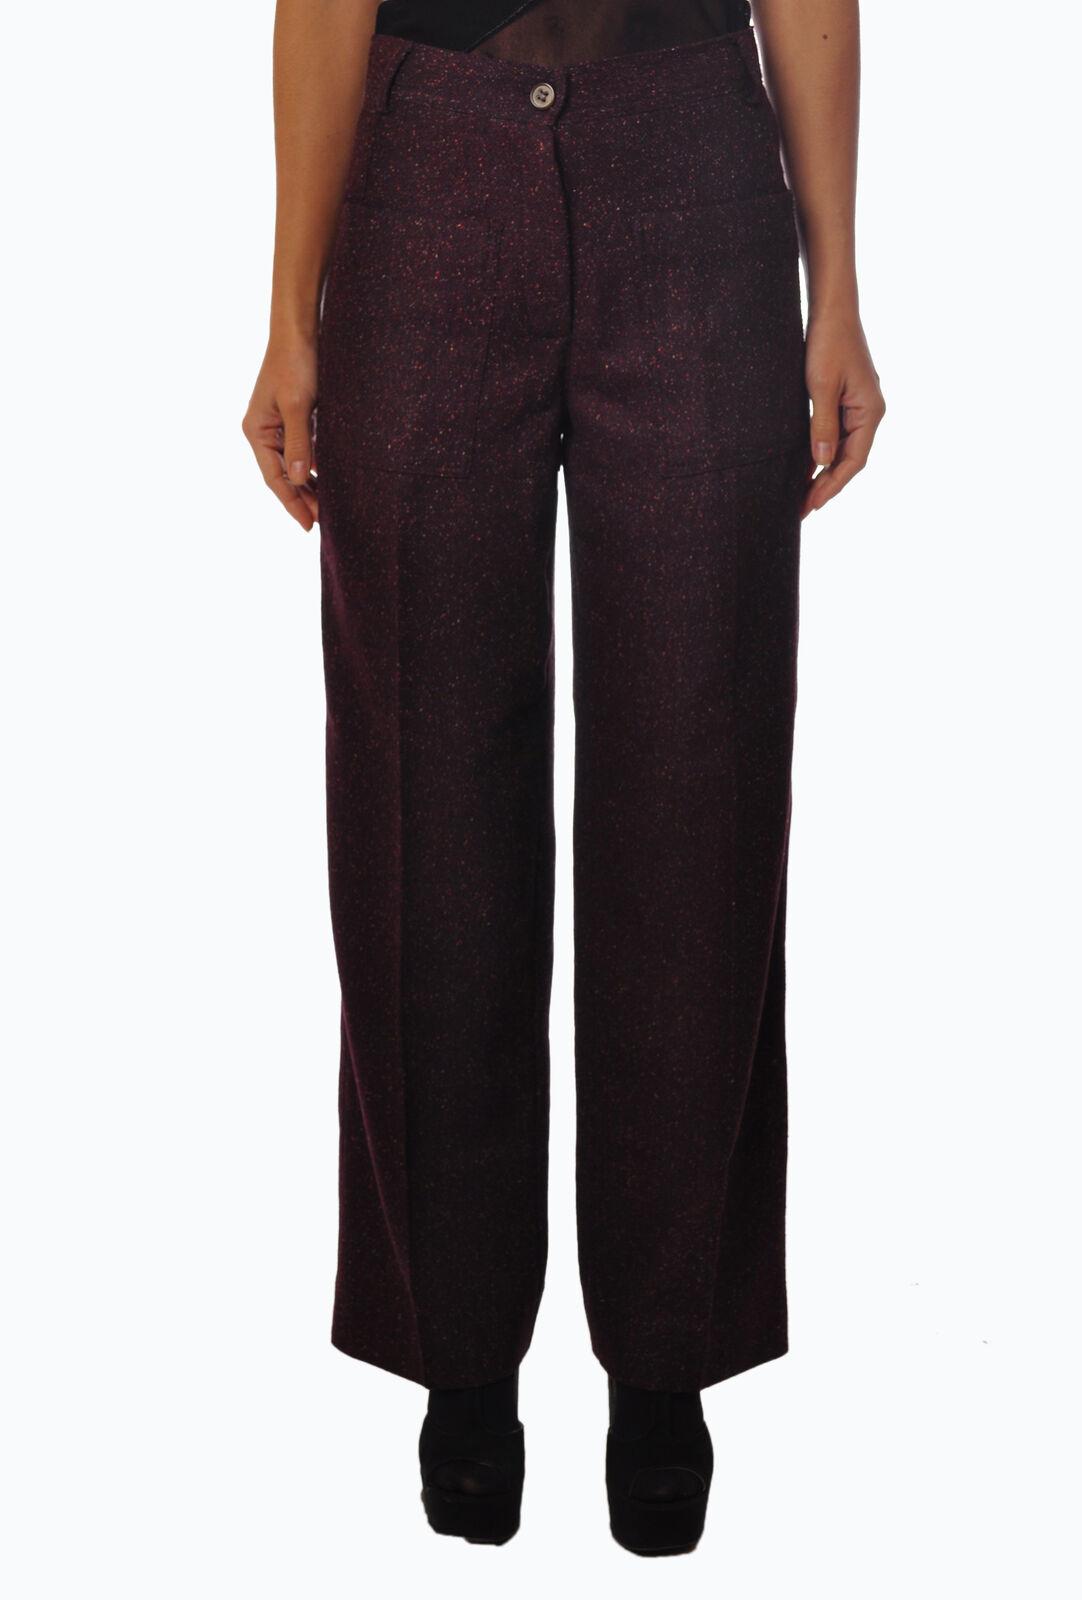 Ottod & 039;ame-Pantalones-Hembra-marrón -  2898301A184136  Nuevos productos de artículos novedosos.